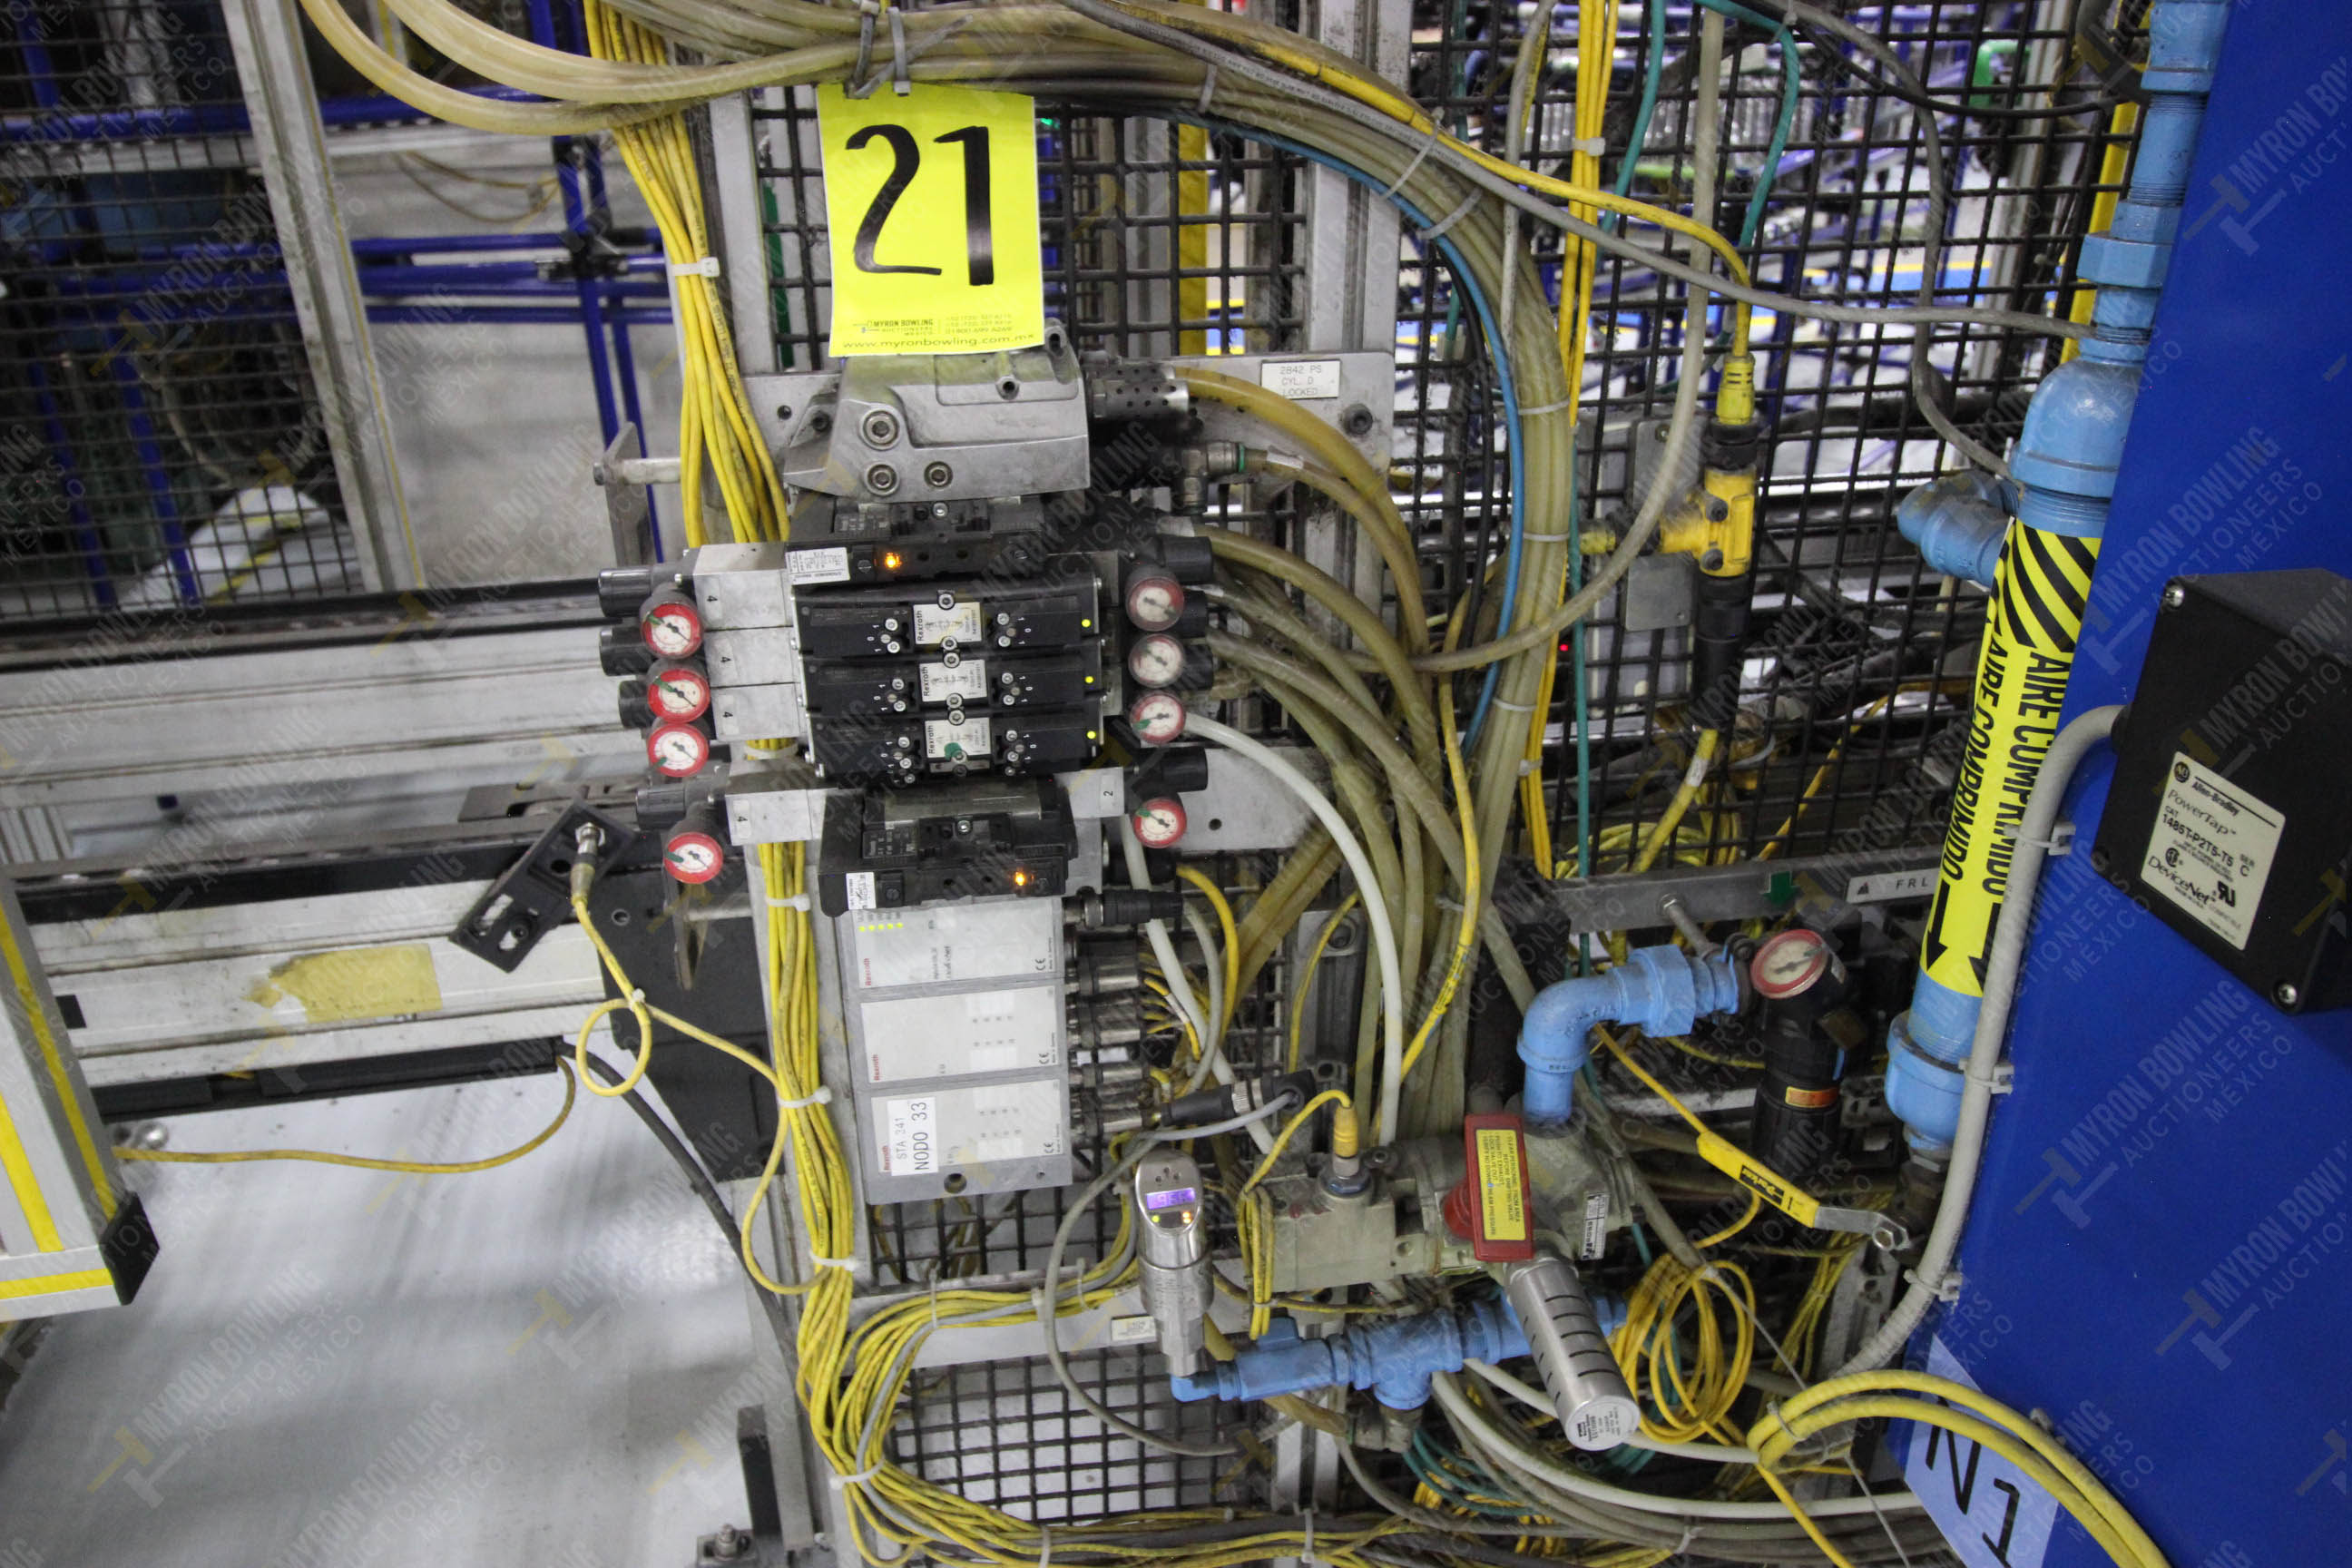 Estación semiautomática para operación 341, contiene: Prensa en estructura de placa de acero - Image 15 of 26